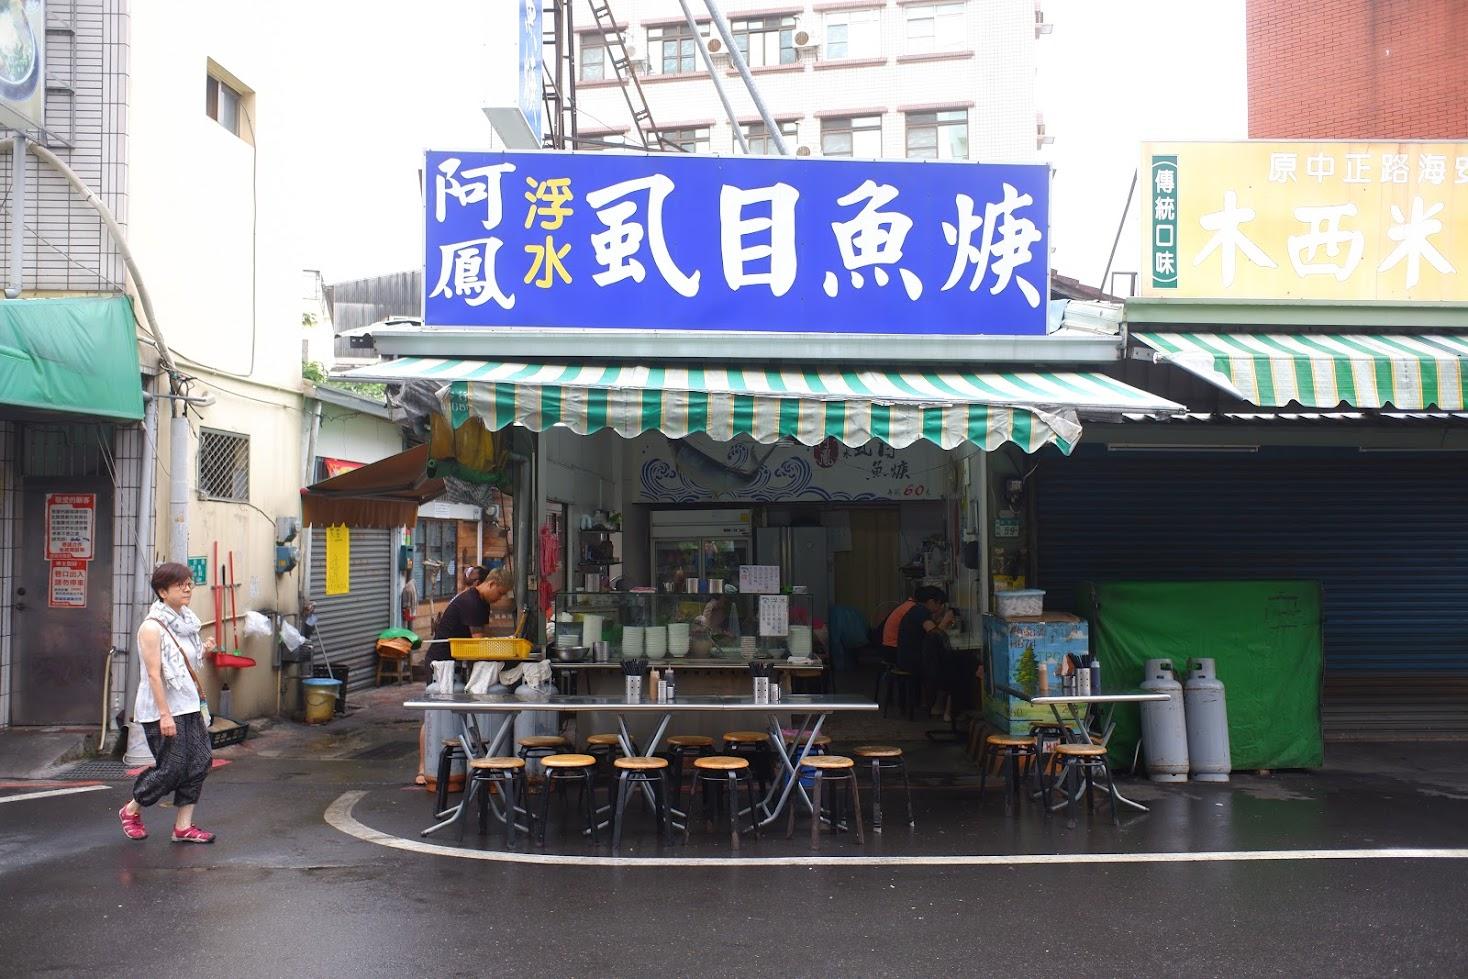 つみれスープの店